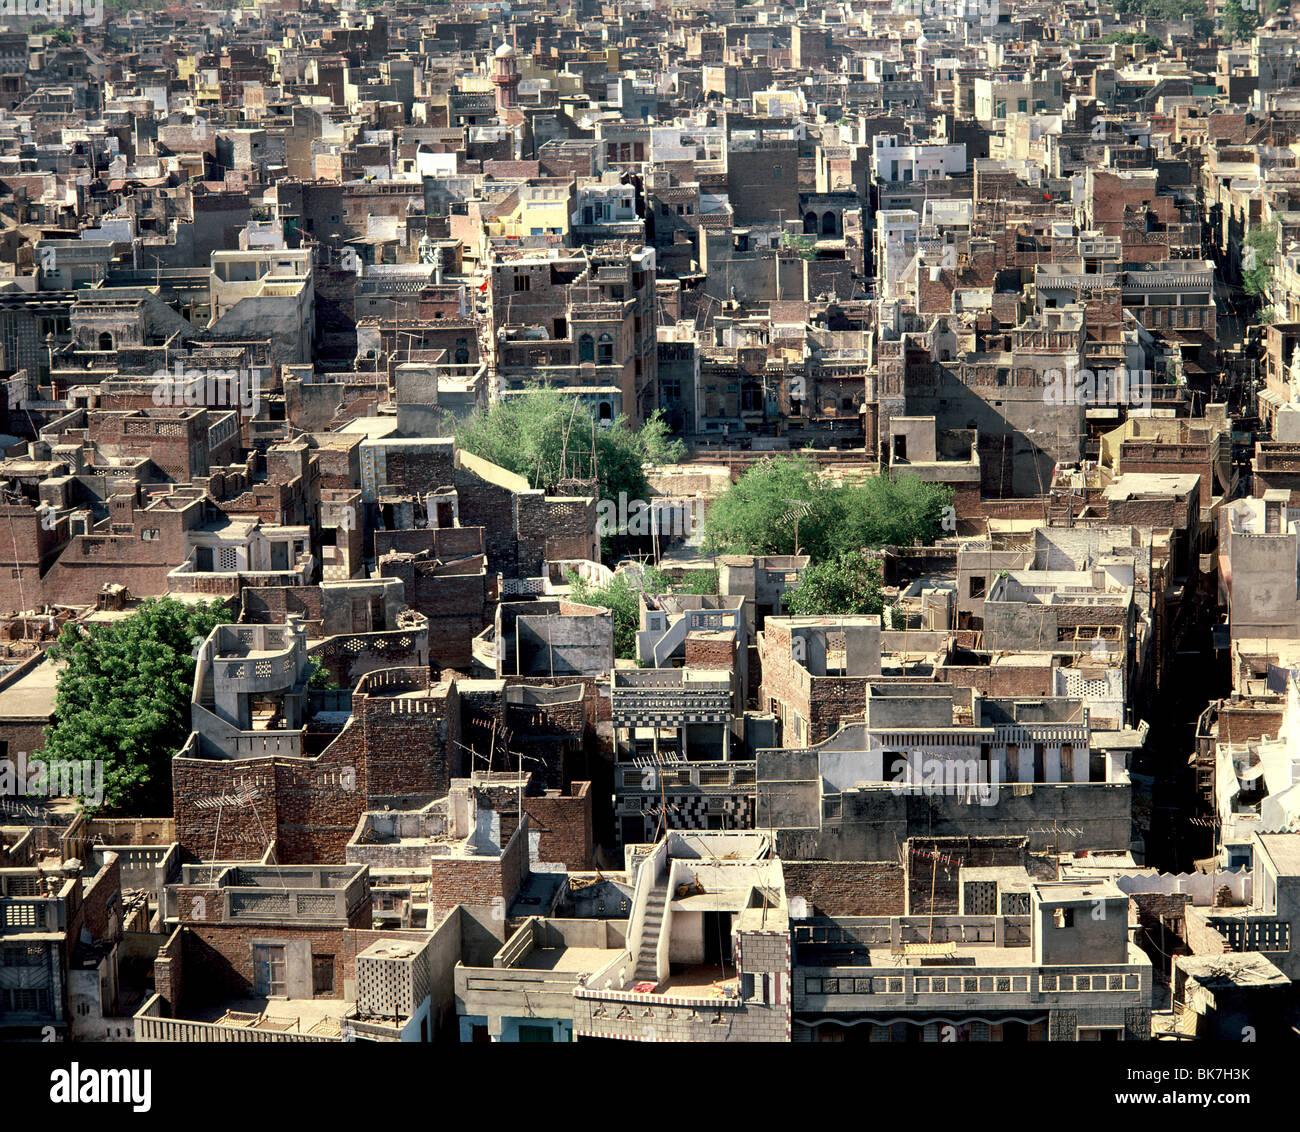 Maisons de la vieille ville de Delhi, Inde, Asie Photo Stock